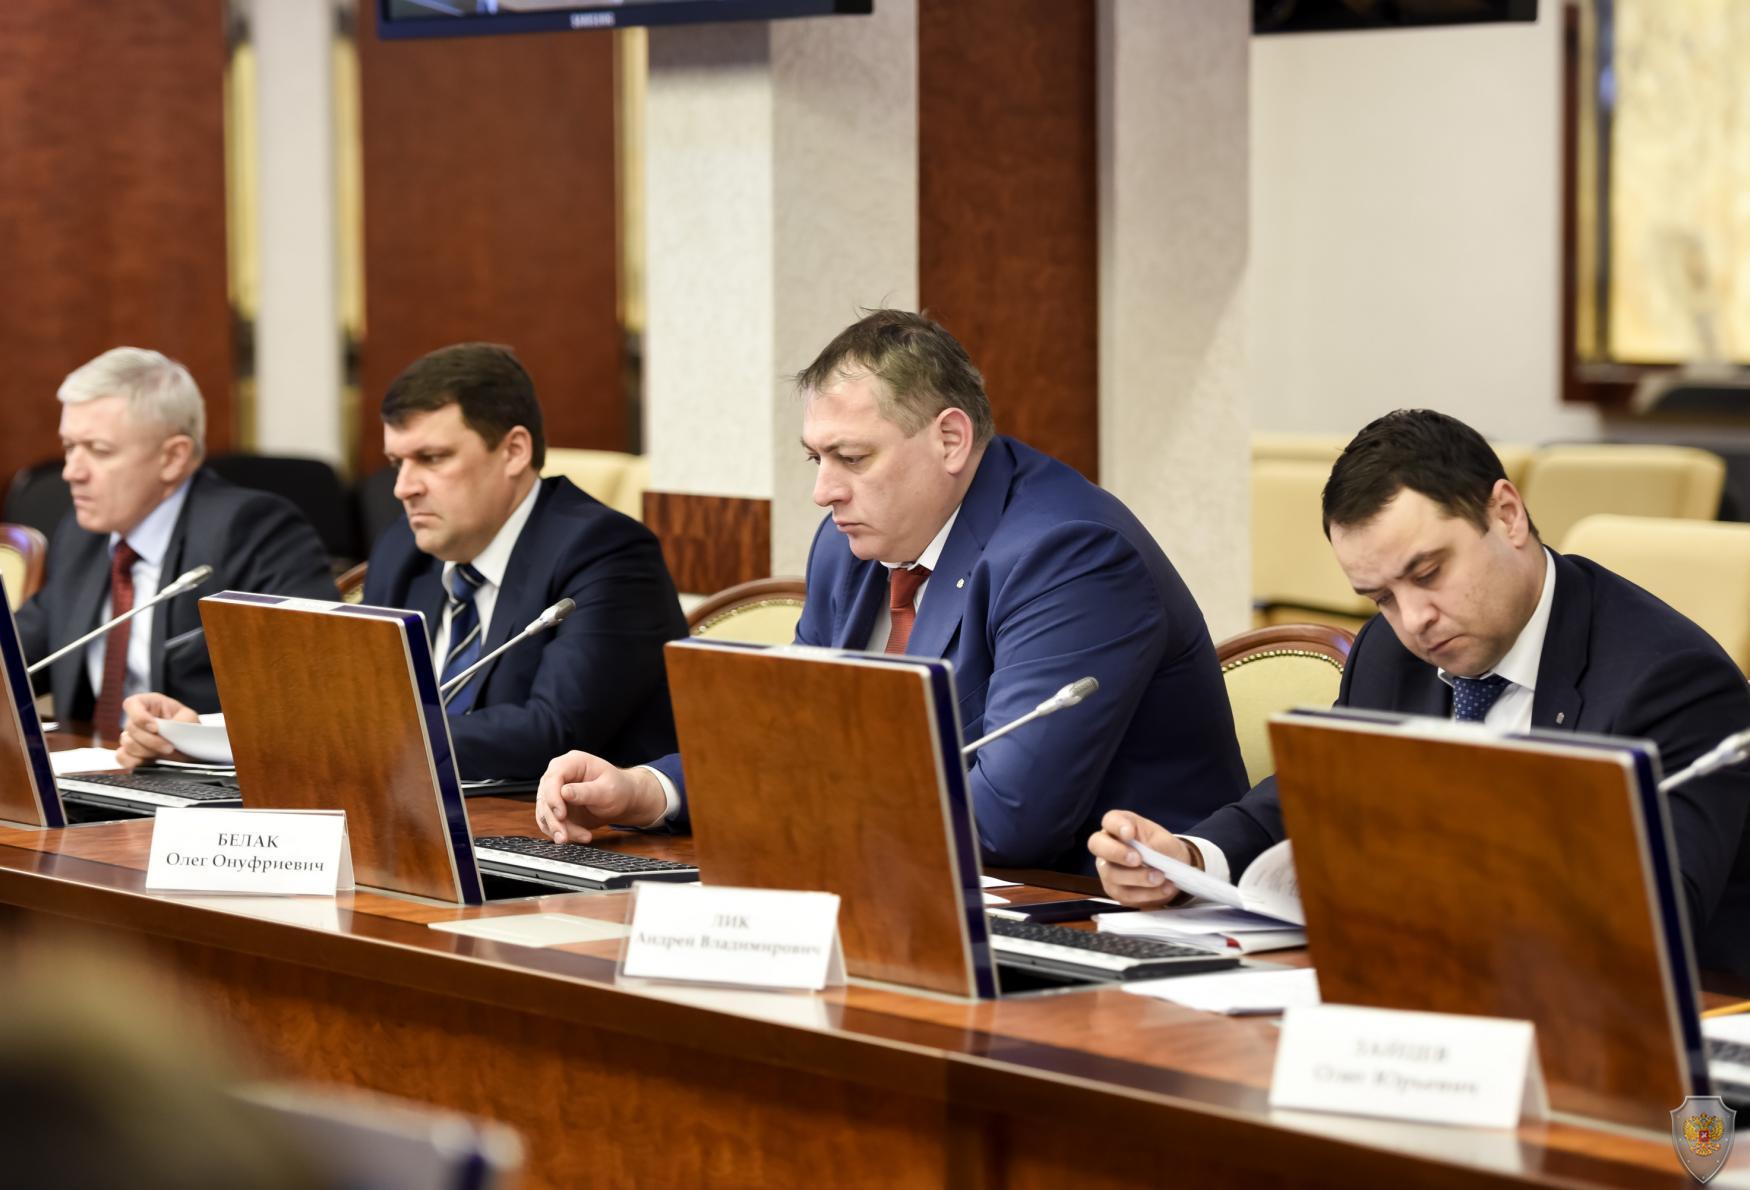 Заслушивание представителей муниципальных образований по вопросу совершенствования деятельности органов местного самоуправления в сфере профилактики терроризма